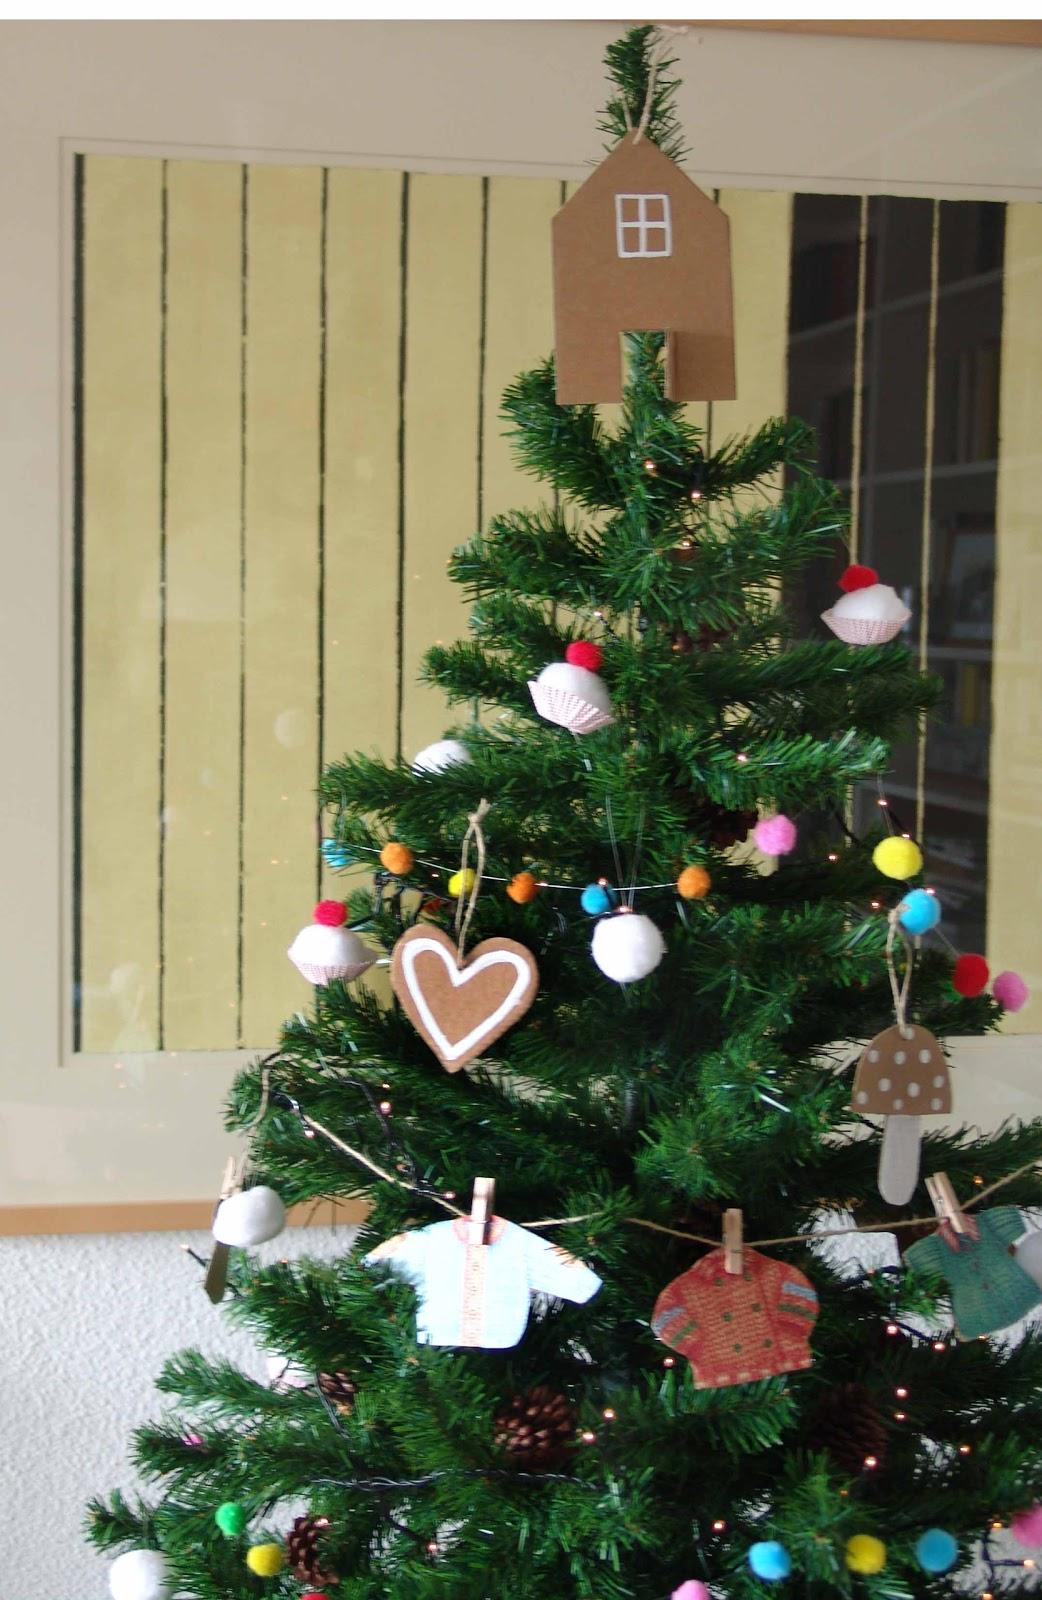 Lalibelula adornos para el arbol de navidad hechos a mano - Adornos para arboles de navidad ...